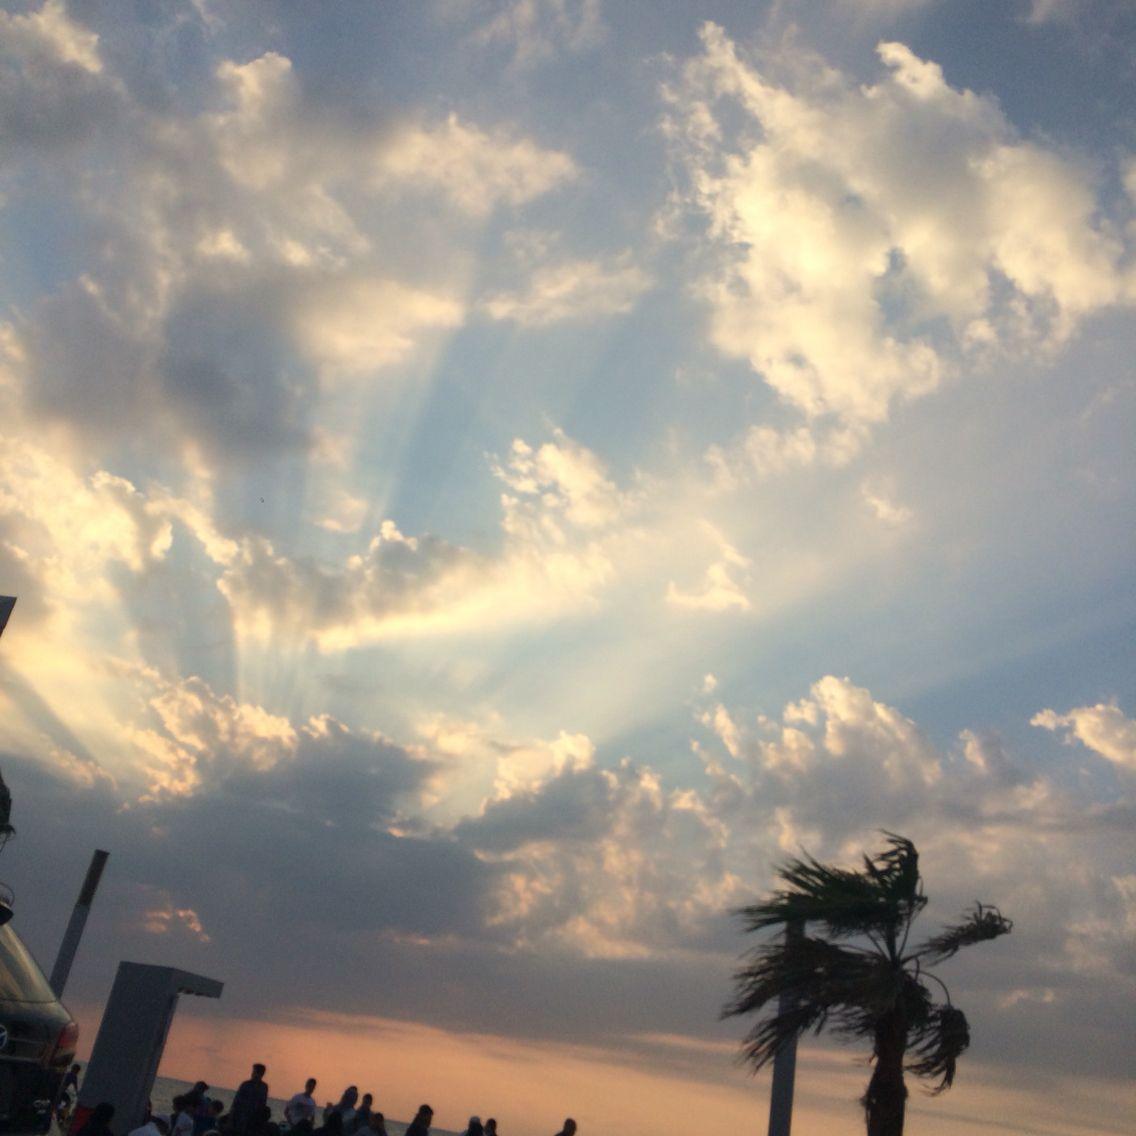 اجواء جدة من البحر تصويري Clouds Outdoor